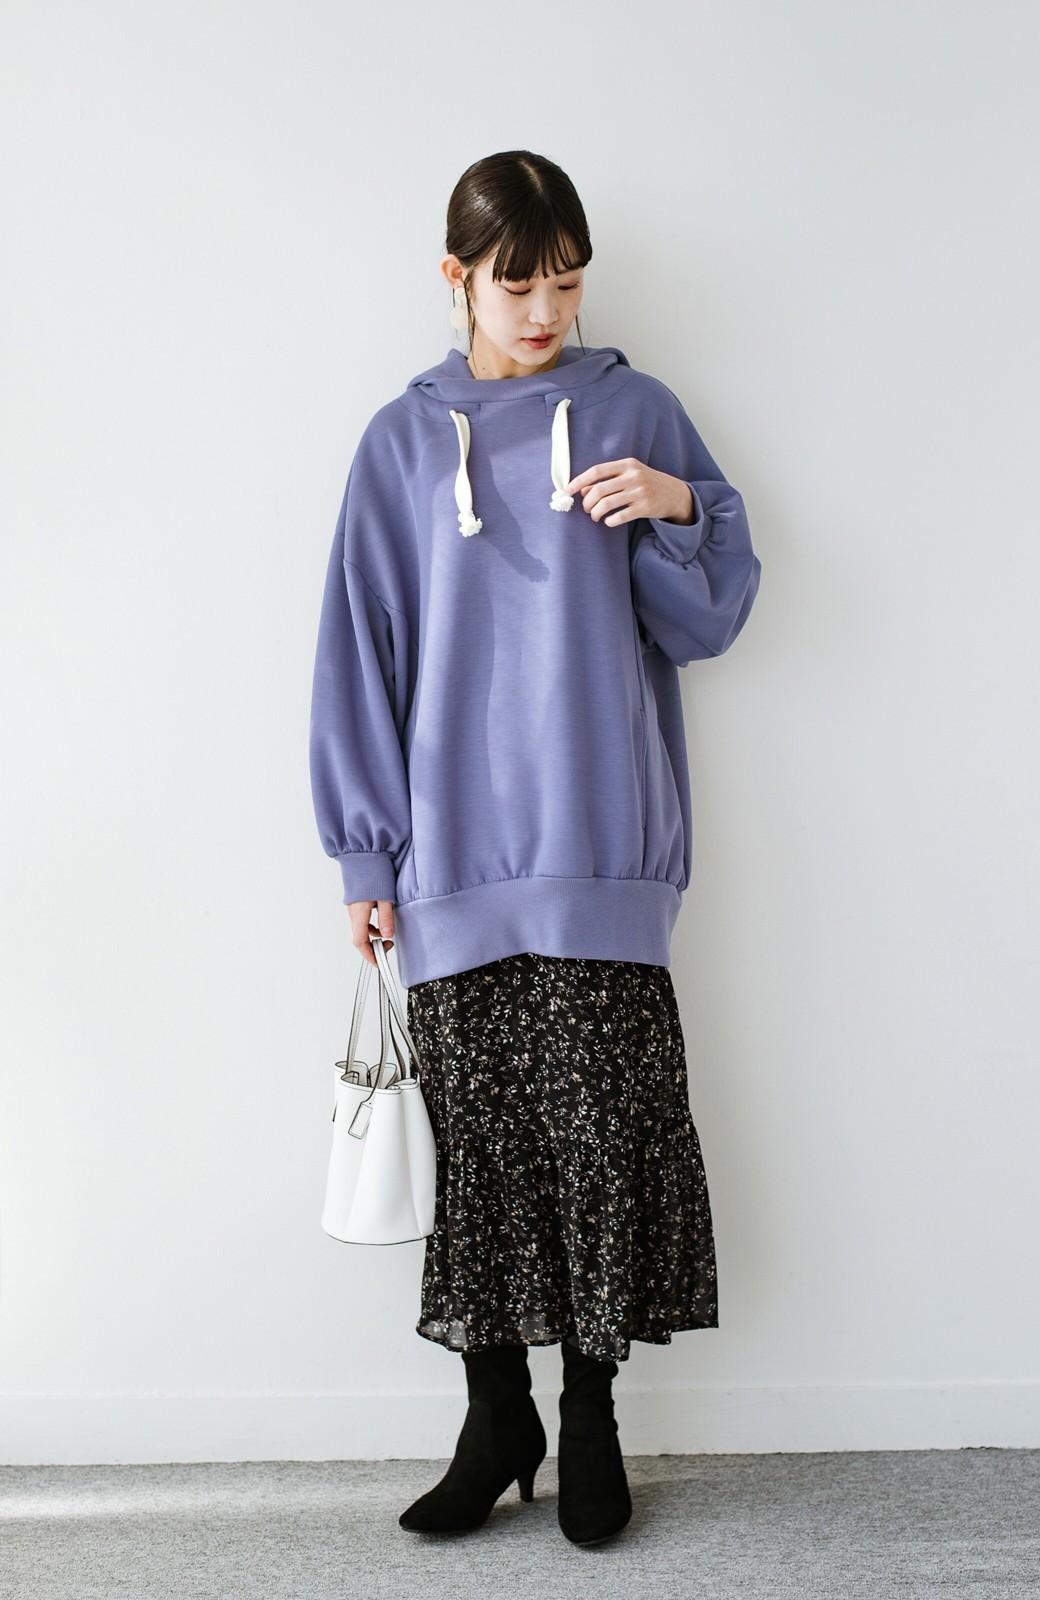 haco! 【スザンヌさんコラボ】オーバーサイズが華奢見せさせる 大人女子のためのスウェット風ビッグパーカー by LOVE&PEACE PROJECT <ラベンダー>の商品写真15